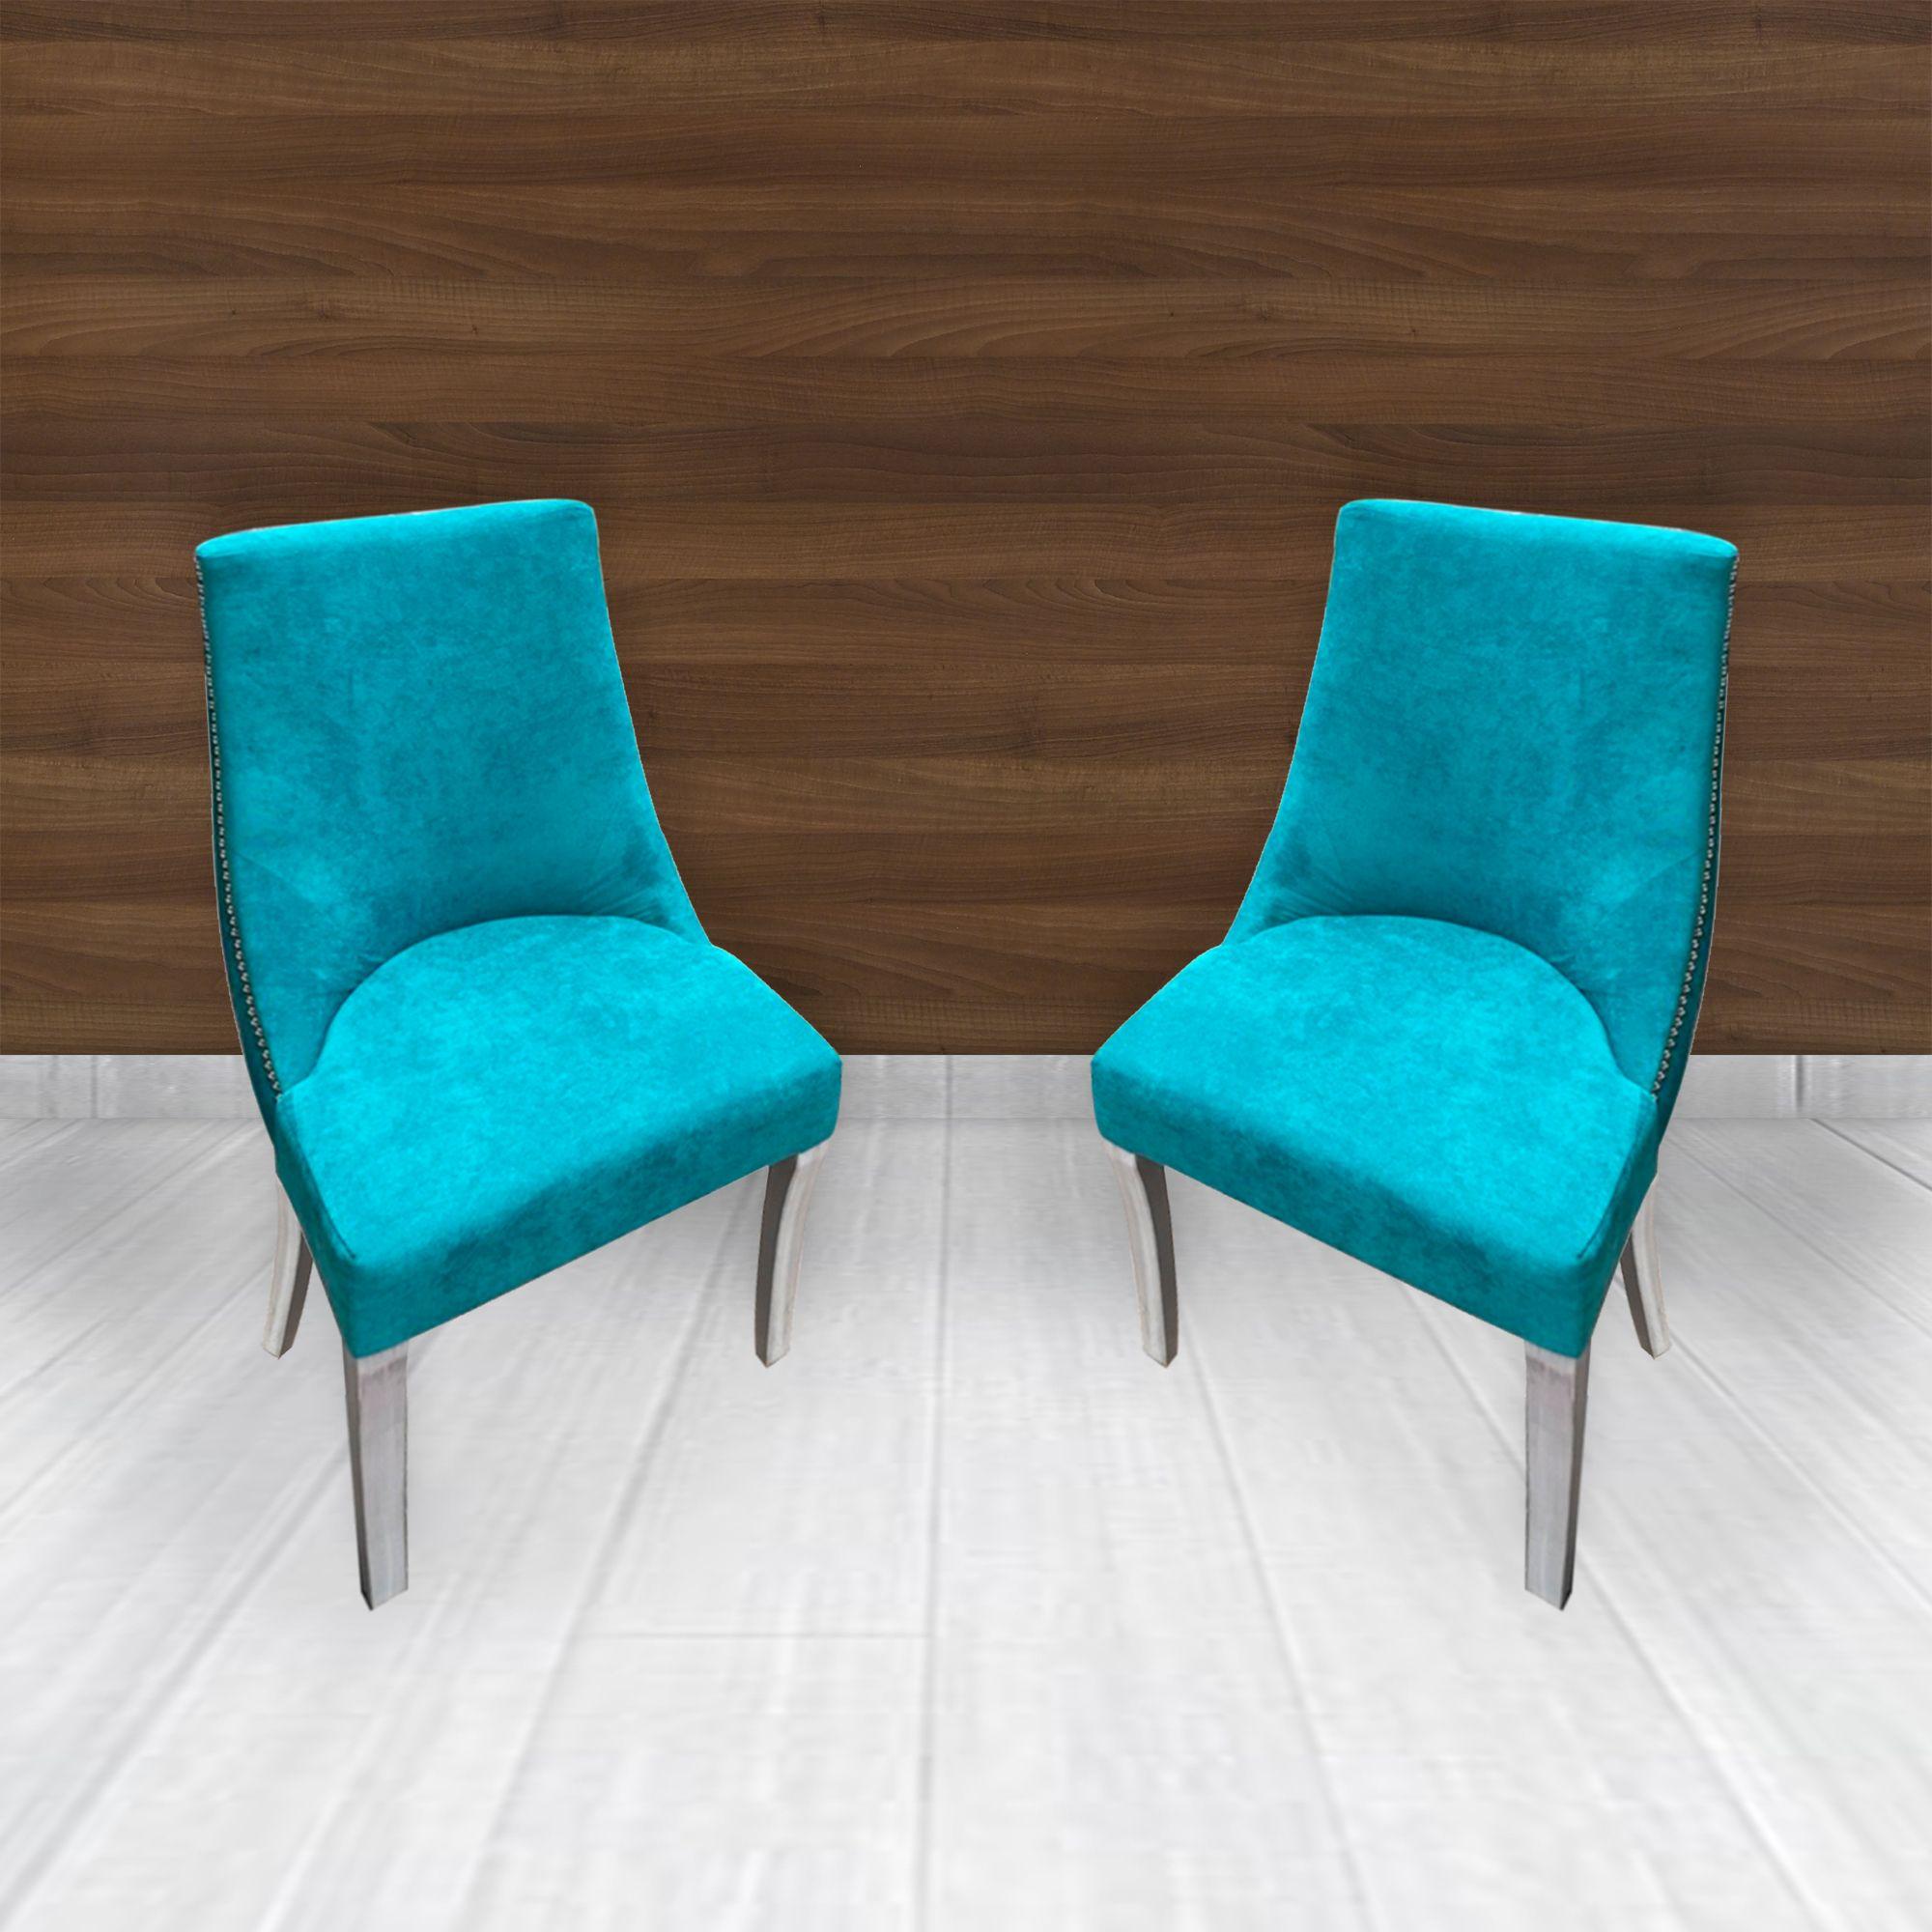 Dale frescura a tus espacios con estas sillas azul turquesa sillas y sillones en 2018 - Sillas turquesa ...